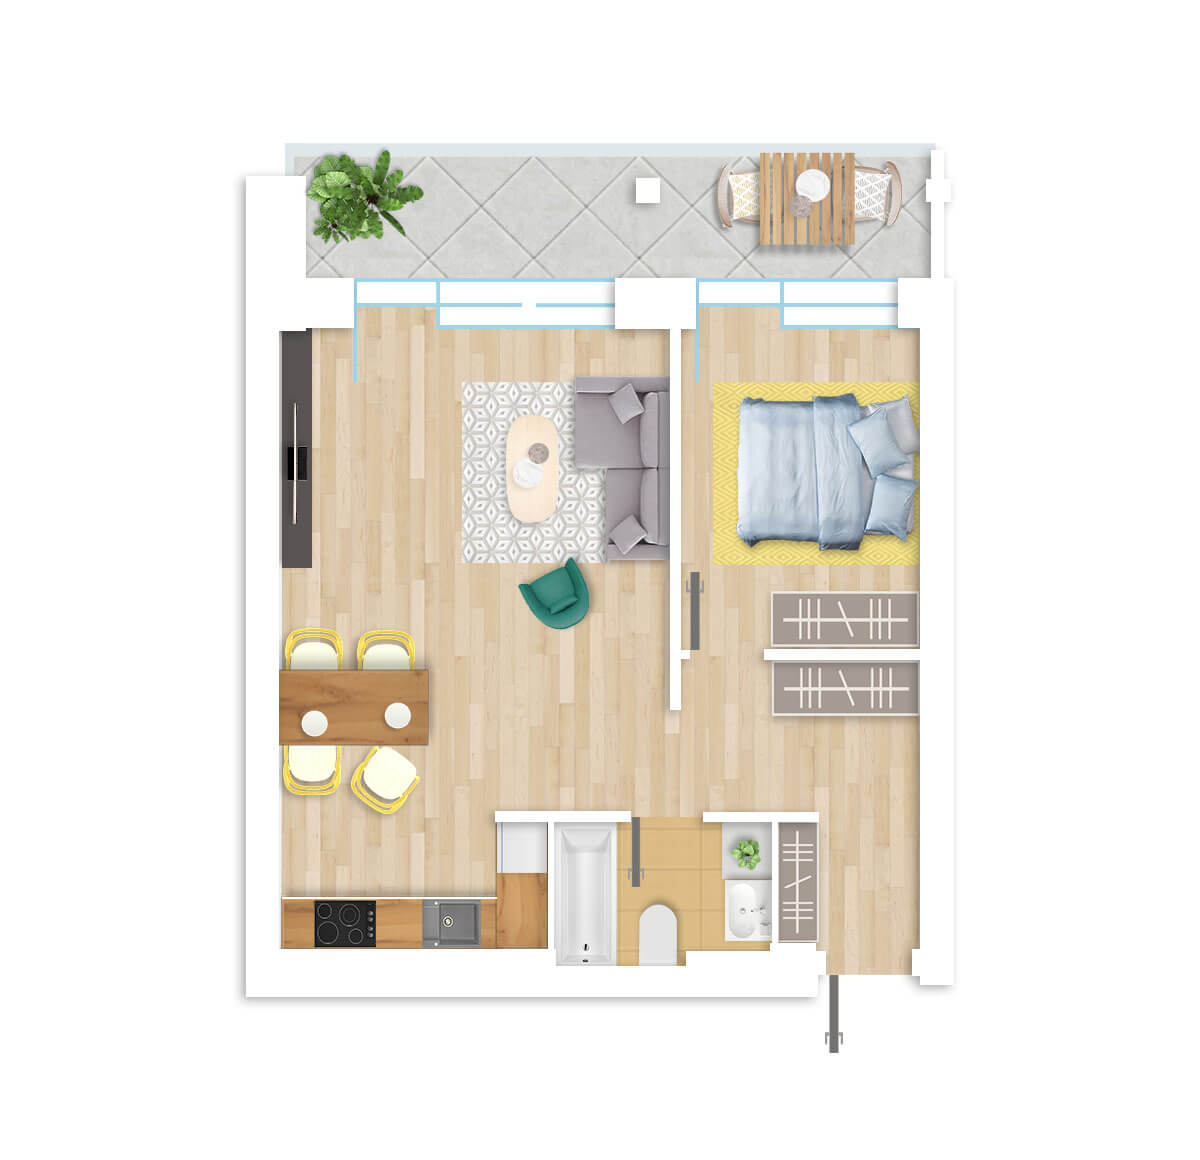 parduodamas butas Lazdynėlių g. 16A - 46 Vilniuje, buto 3D vaizdas